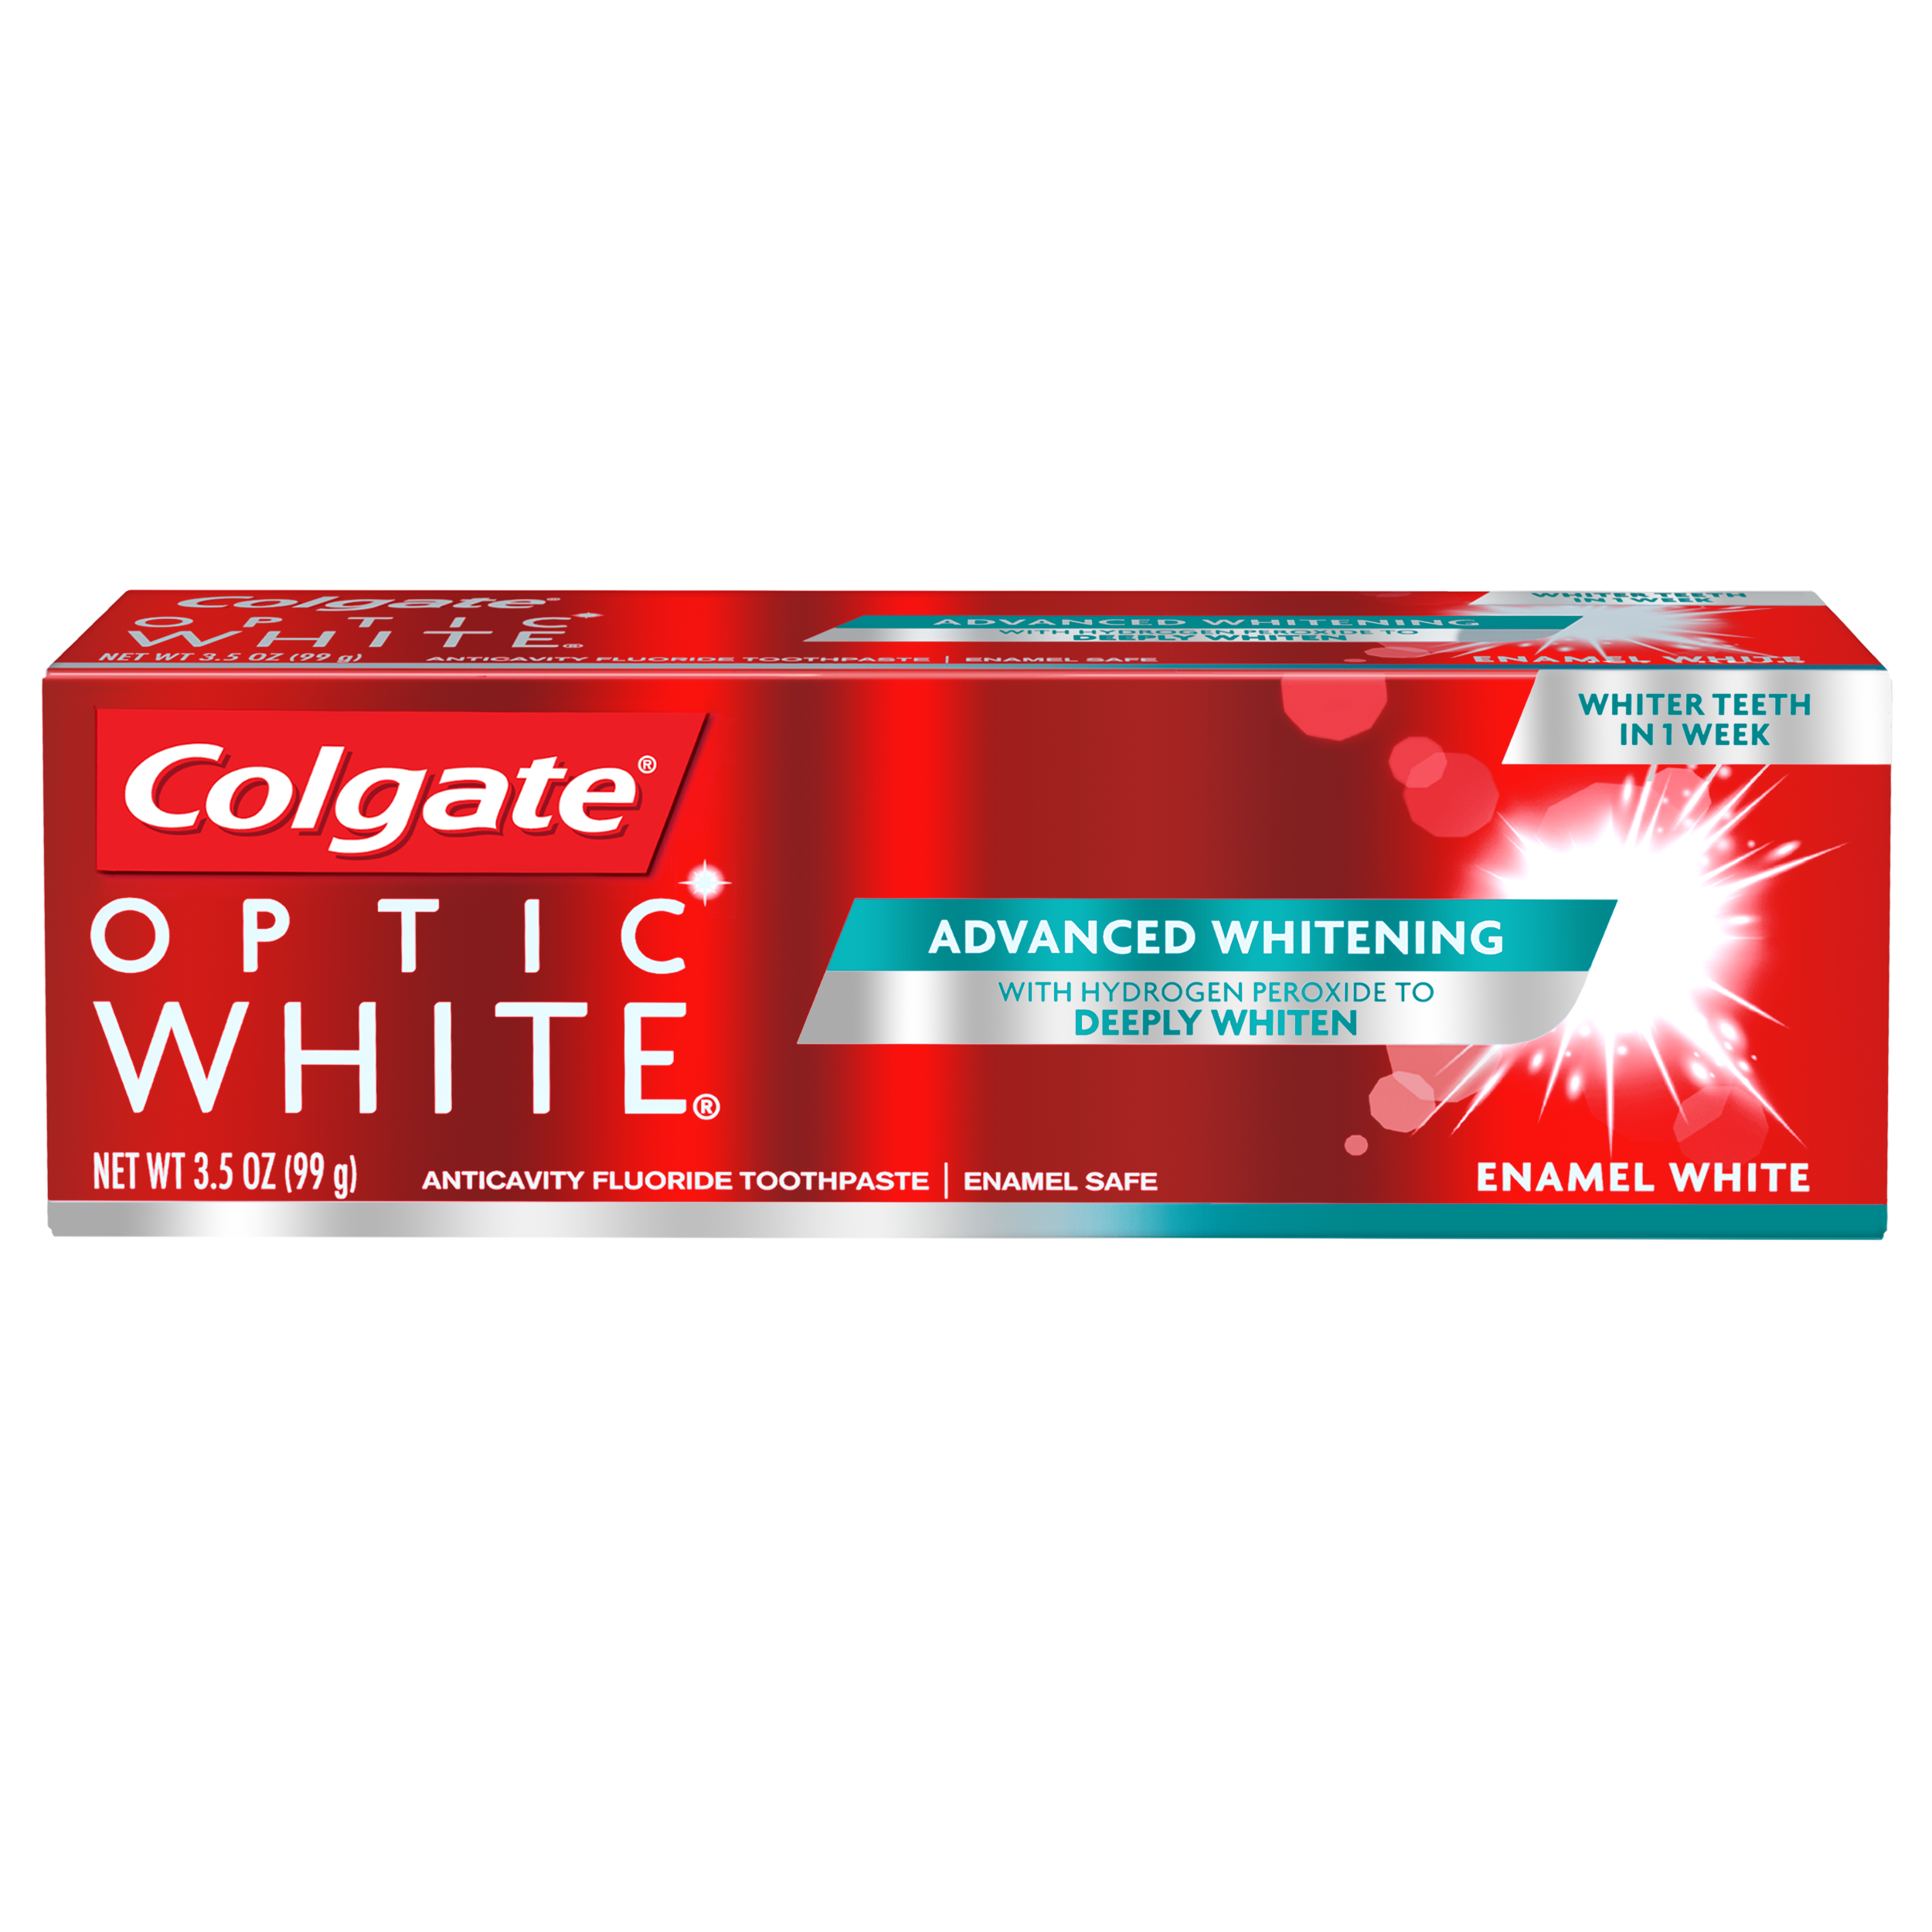 Colgate Optic White Whitening Toothpaste, Enamel - 3.5 oz